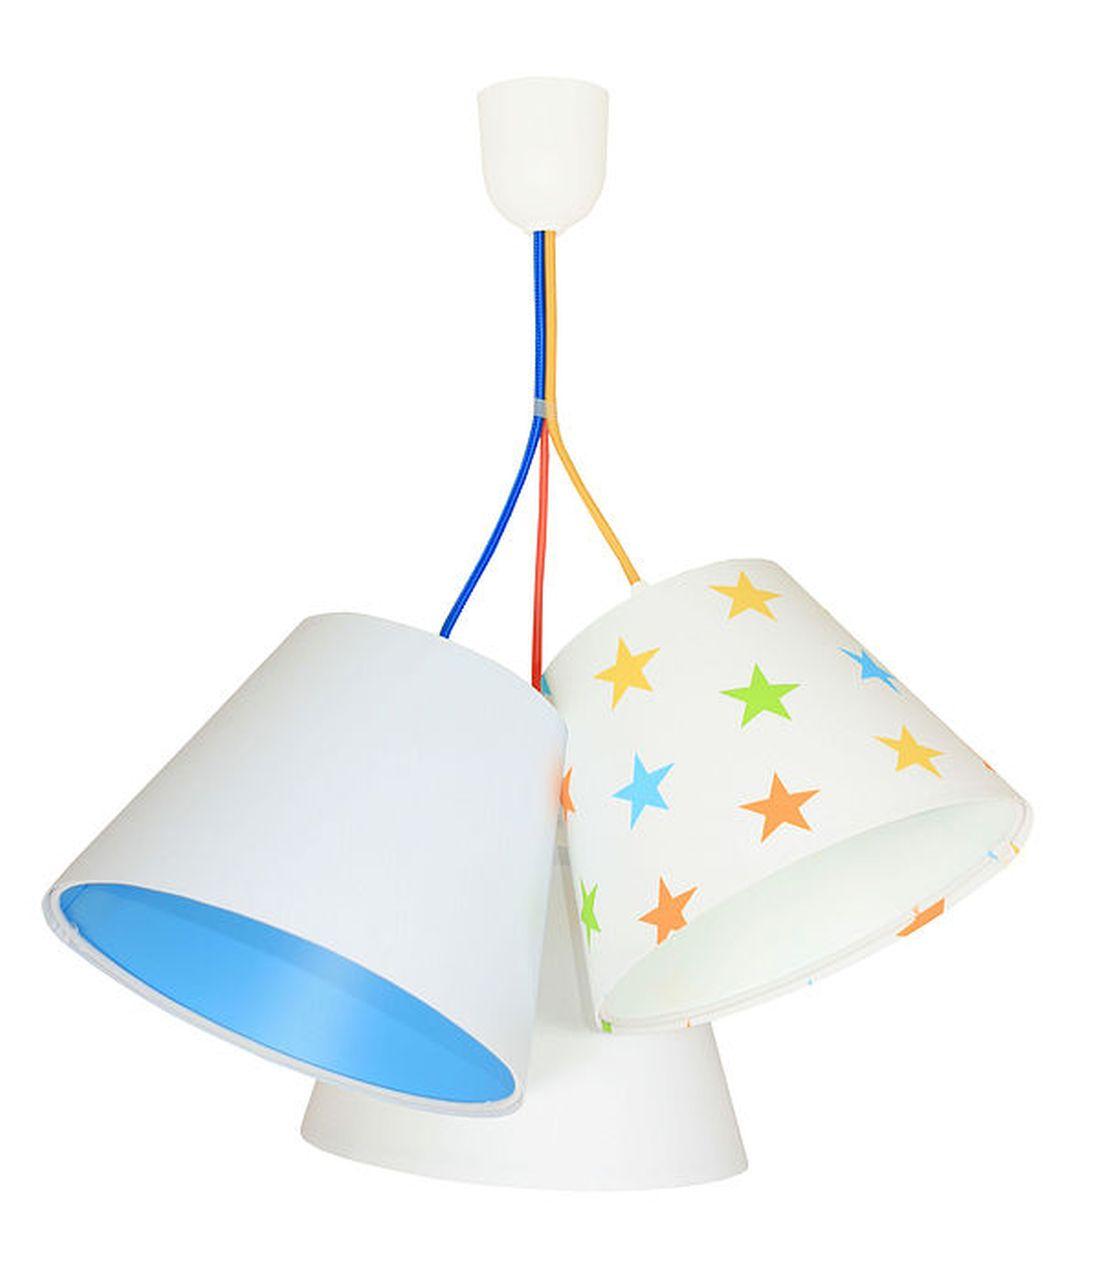 Hängelampe Weiß Blau Sterne Kinder Stoff 3-flmg